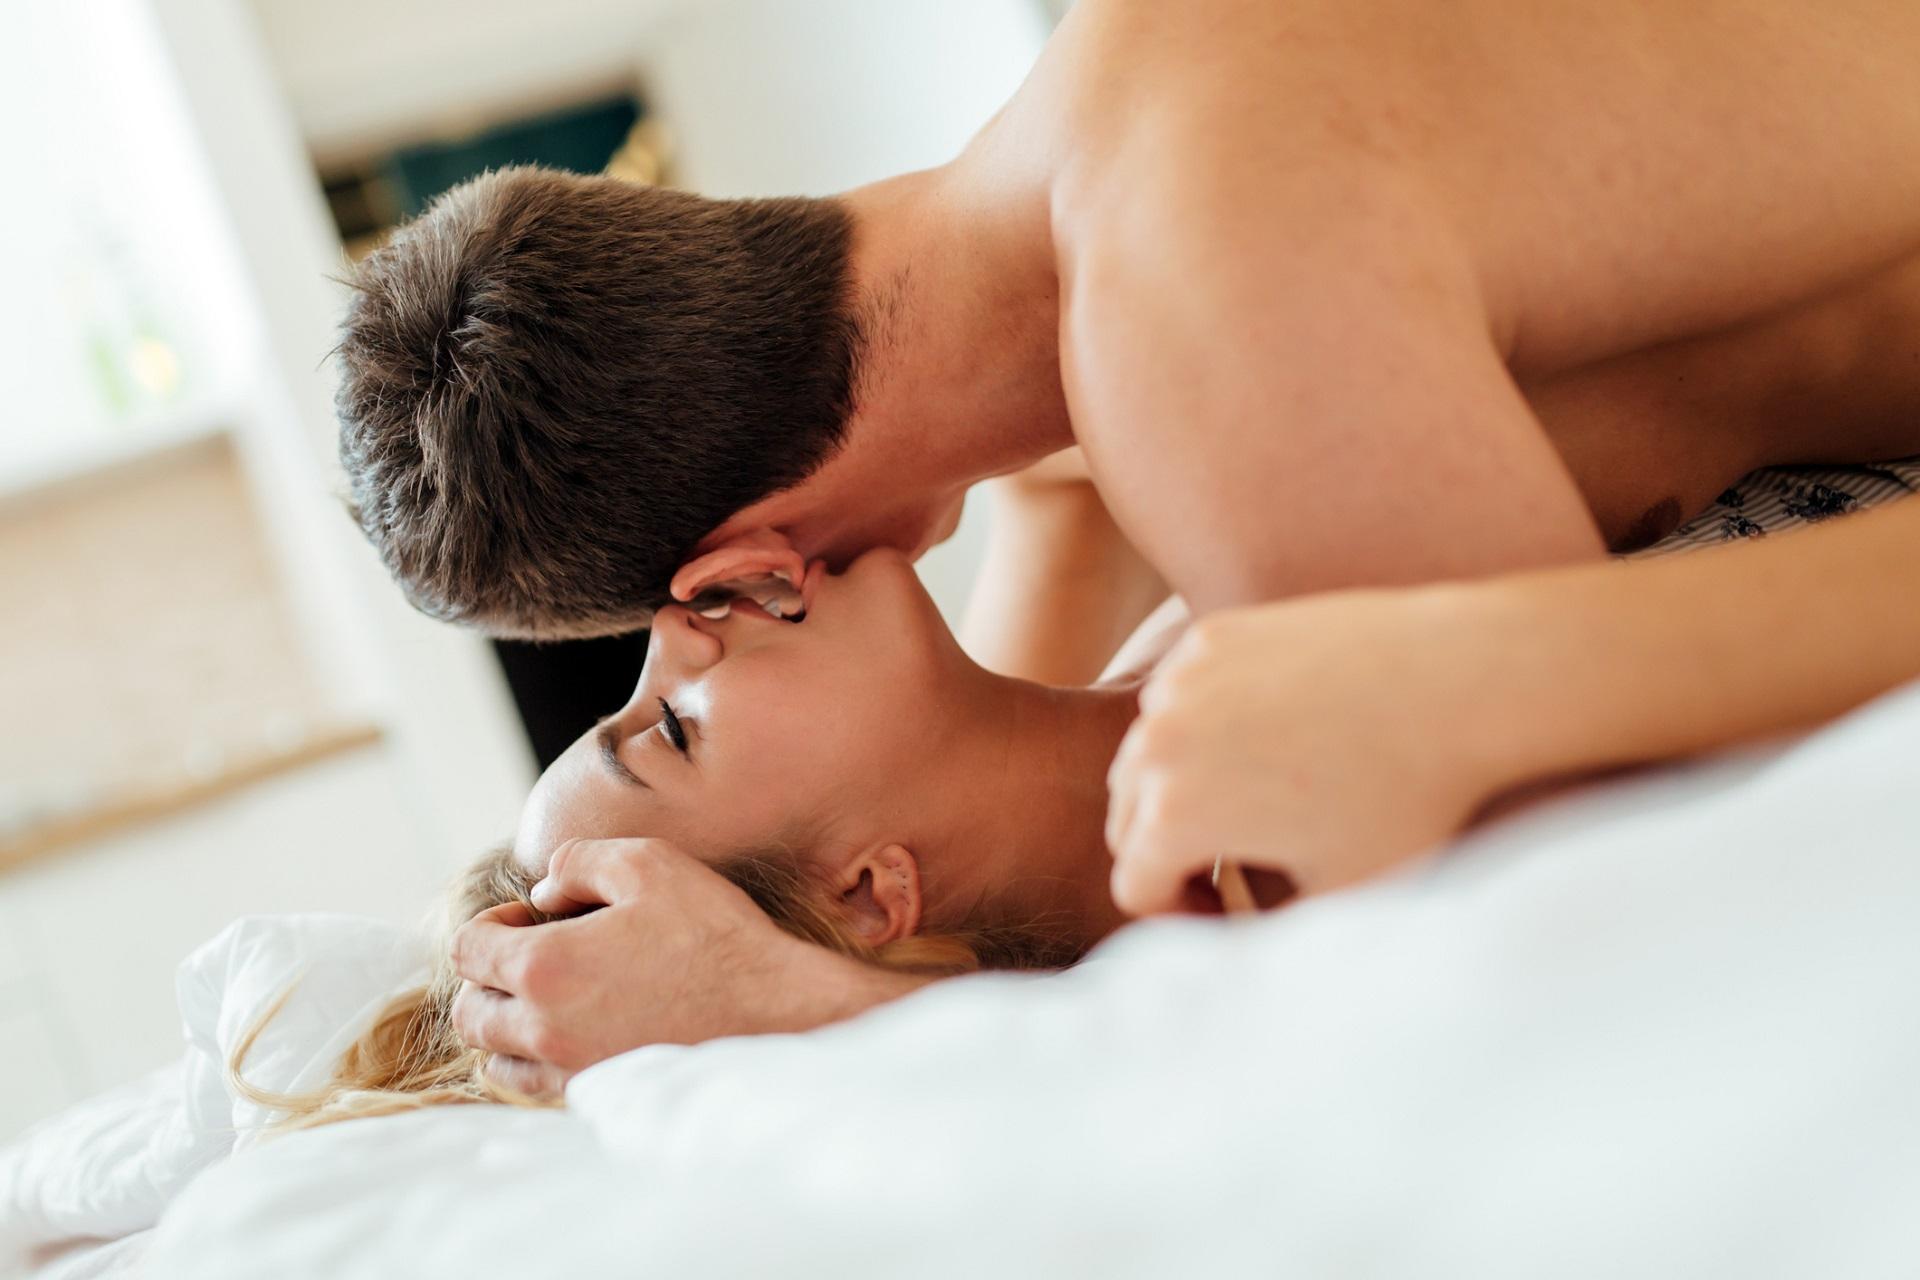 beste Websites, um Sex zu finden